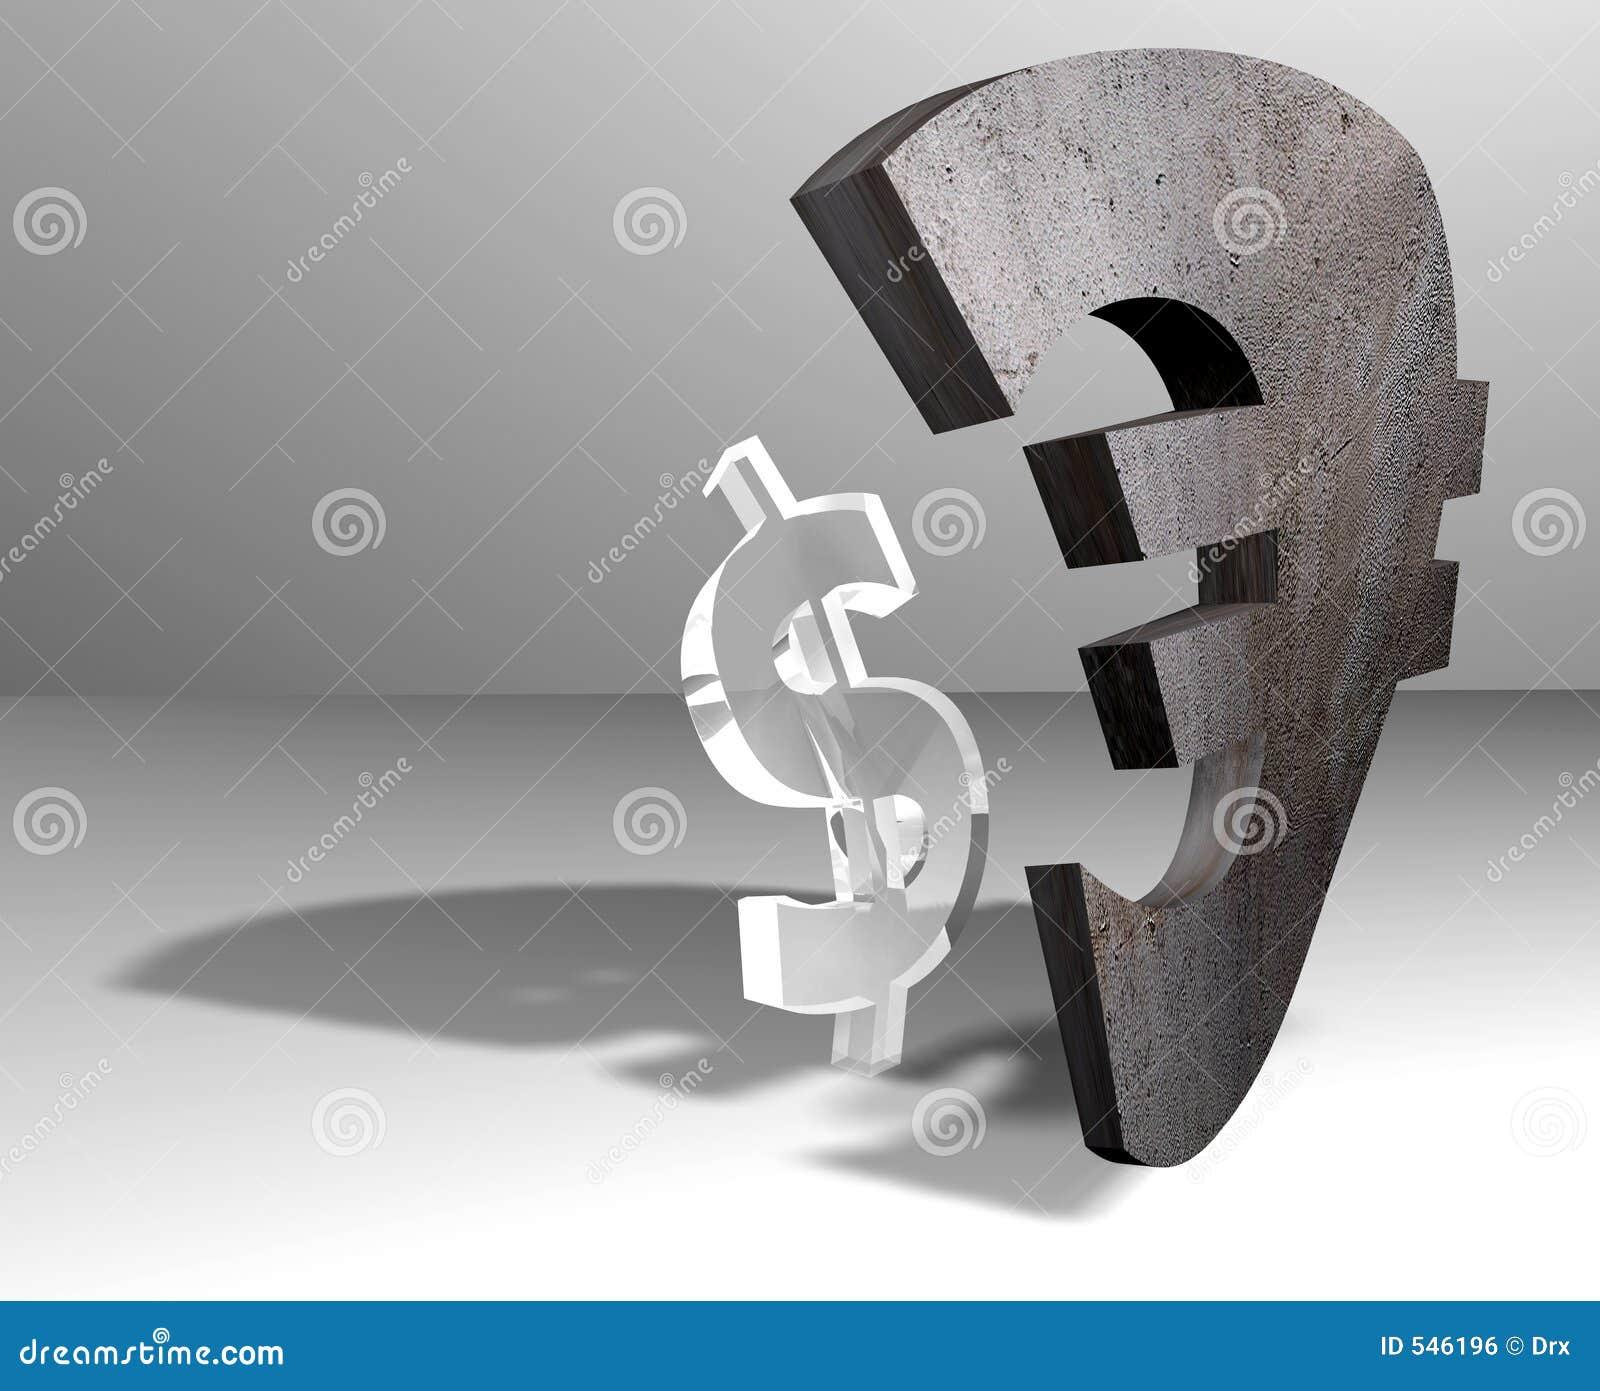 Download 货币美元欧元 库存例证. 插画 包括有 经济, 费率, 美元, 关系, 战场, 次幂, 财务, 欧洲, 严格 - 546196